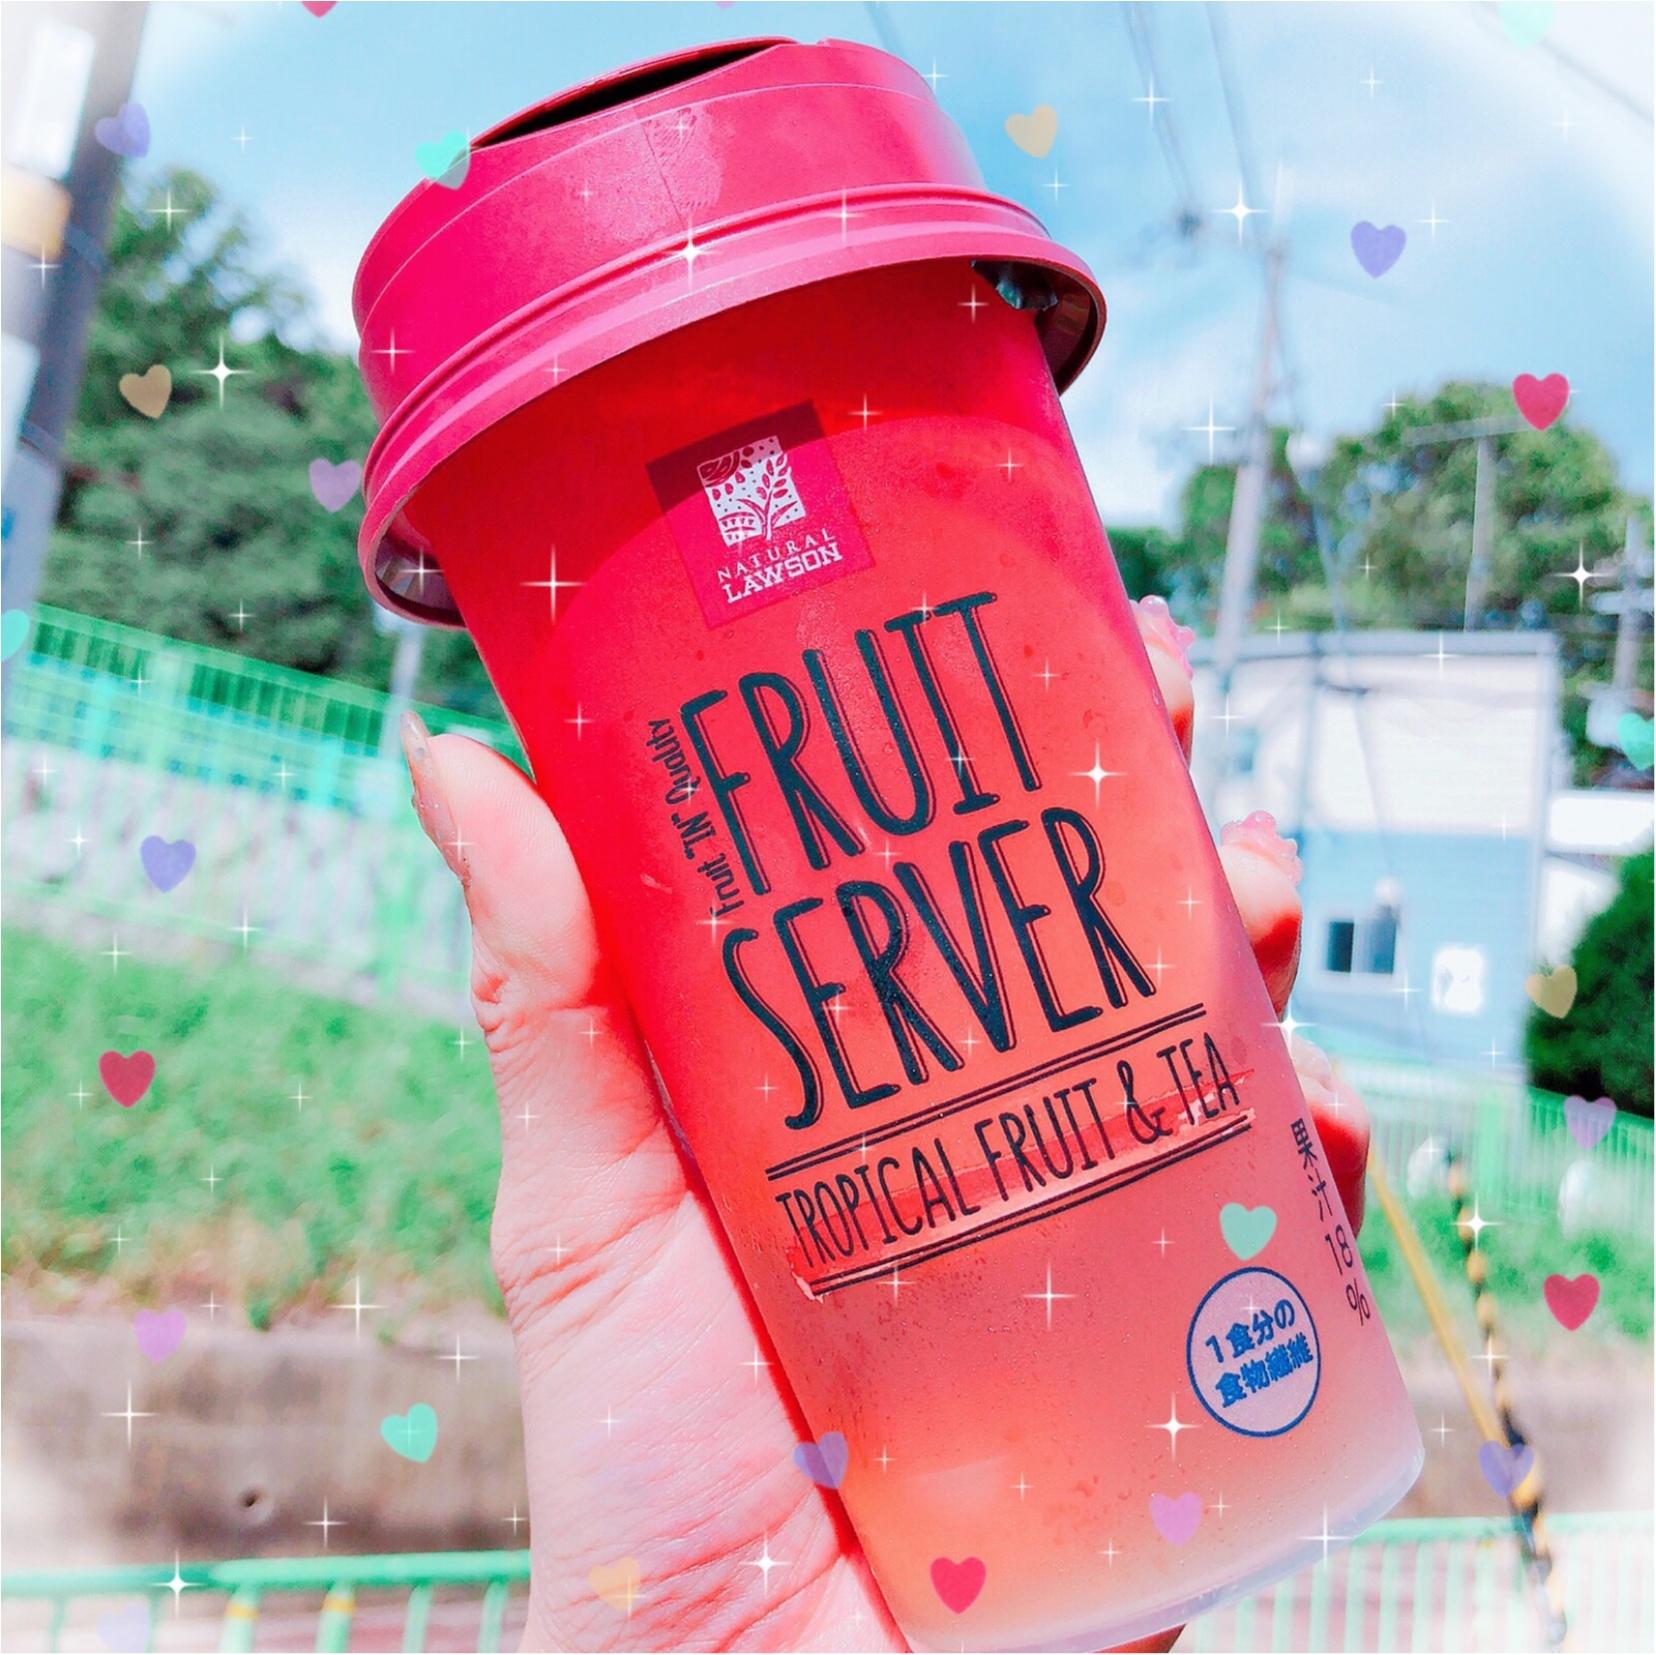 ローソン FRUIT SERVER♡TROPICAL FRUIT&TEA♡コンビニで見つけたtropical drink_1